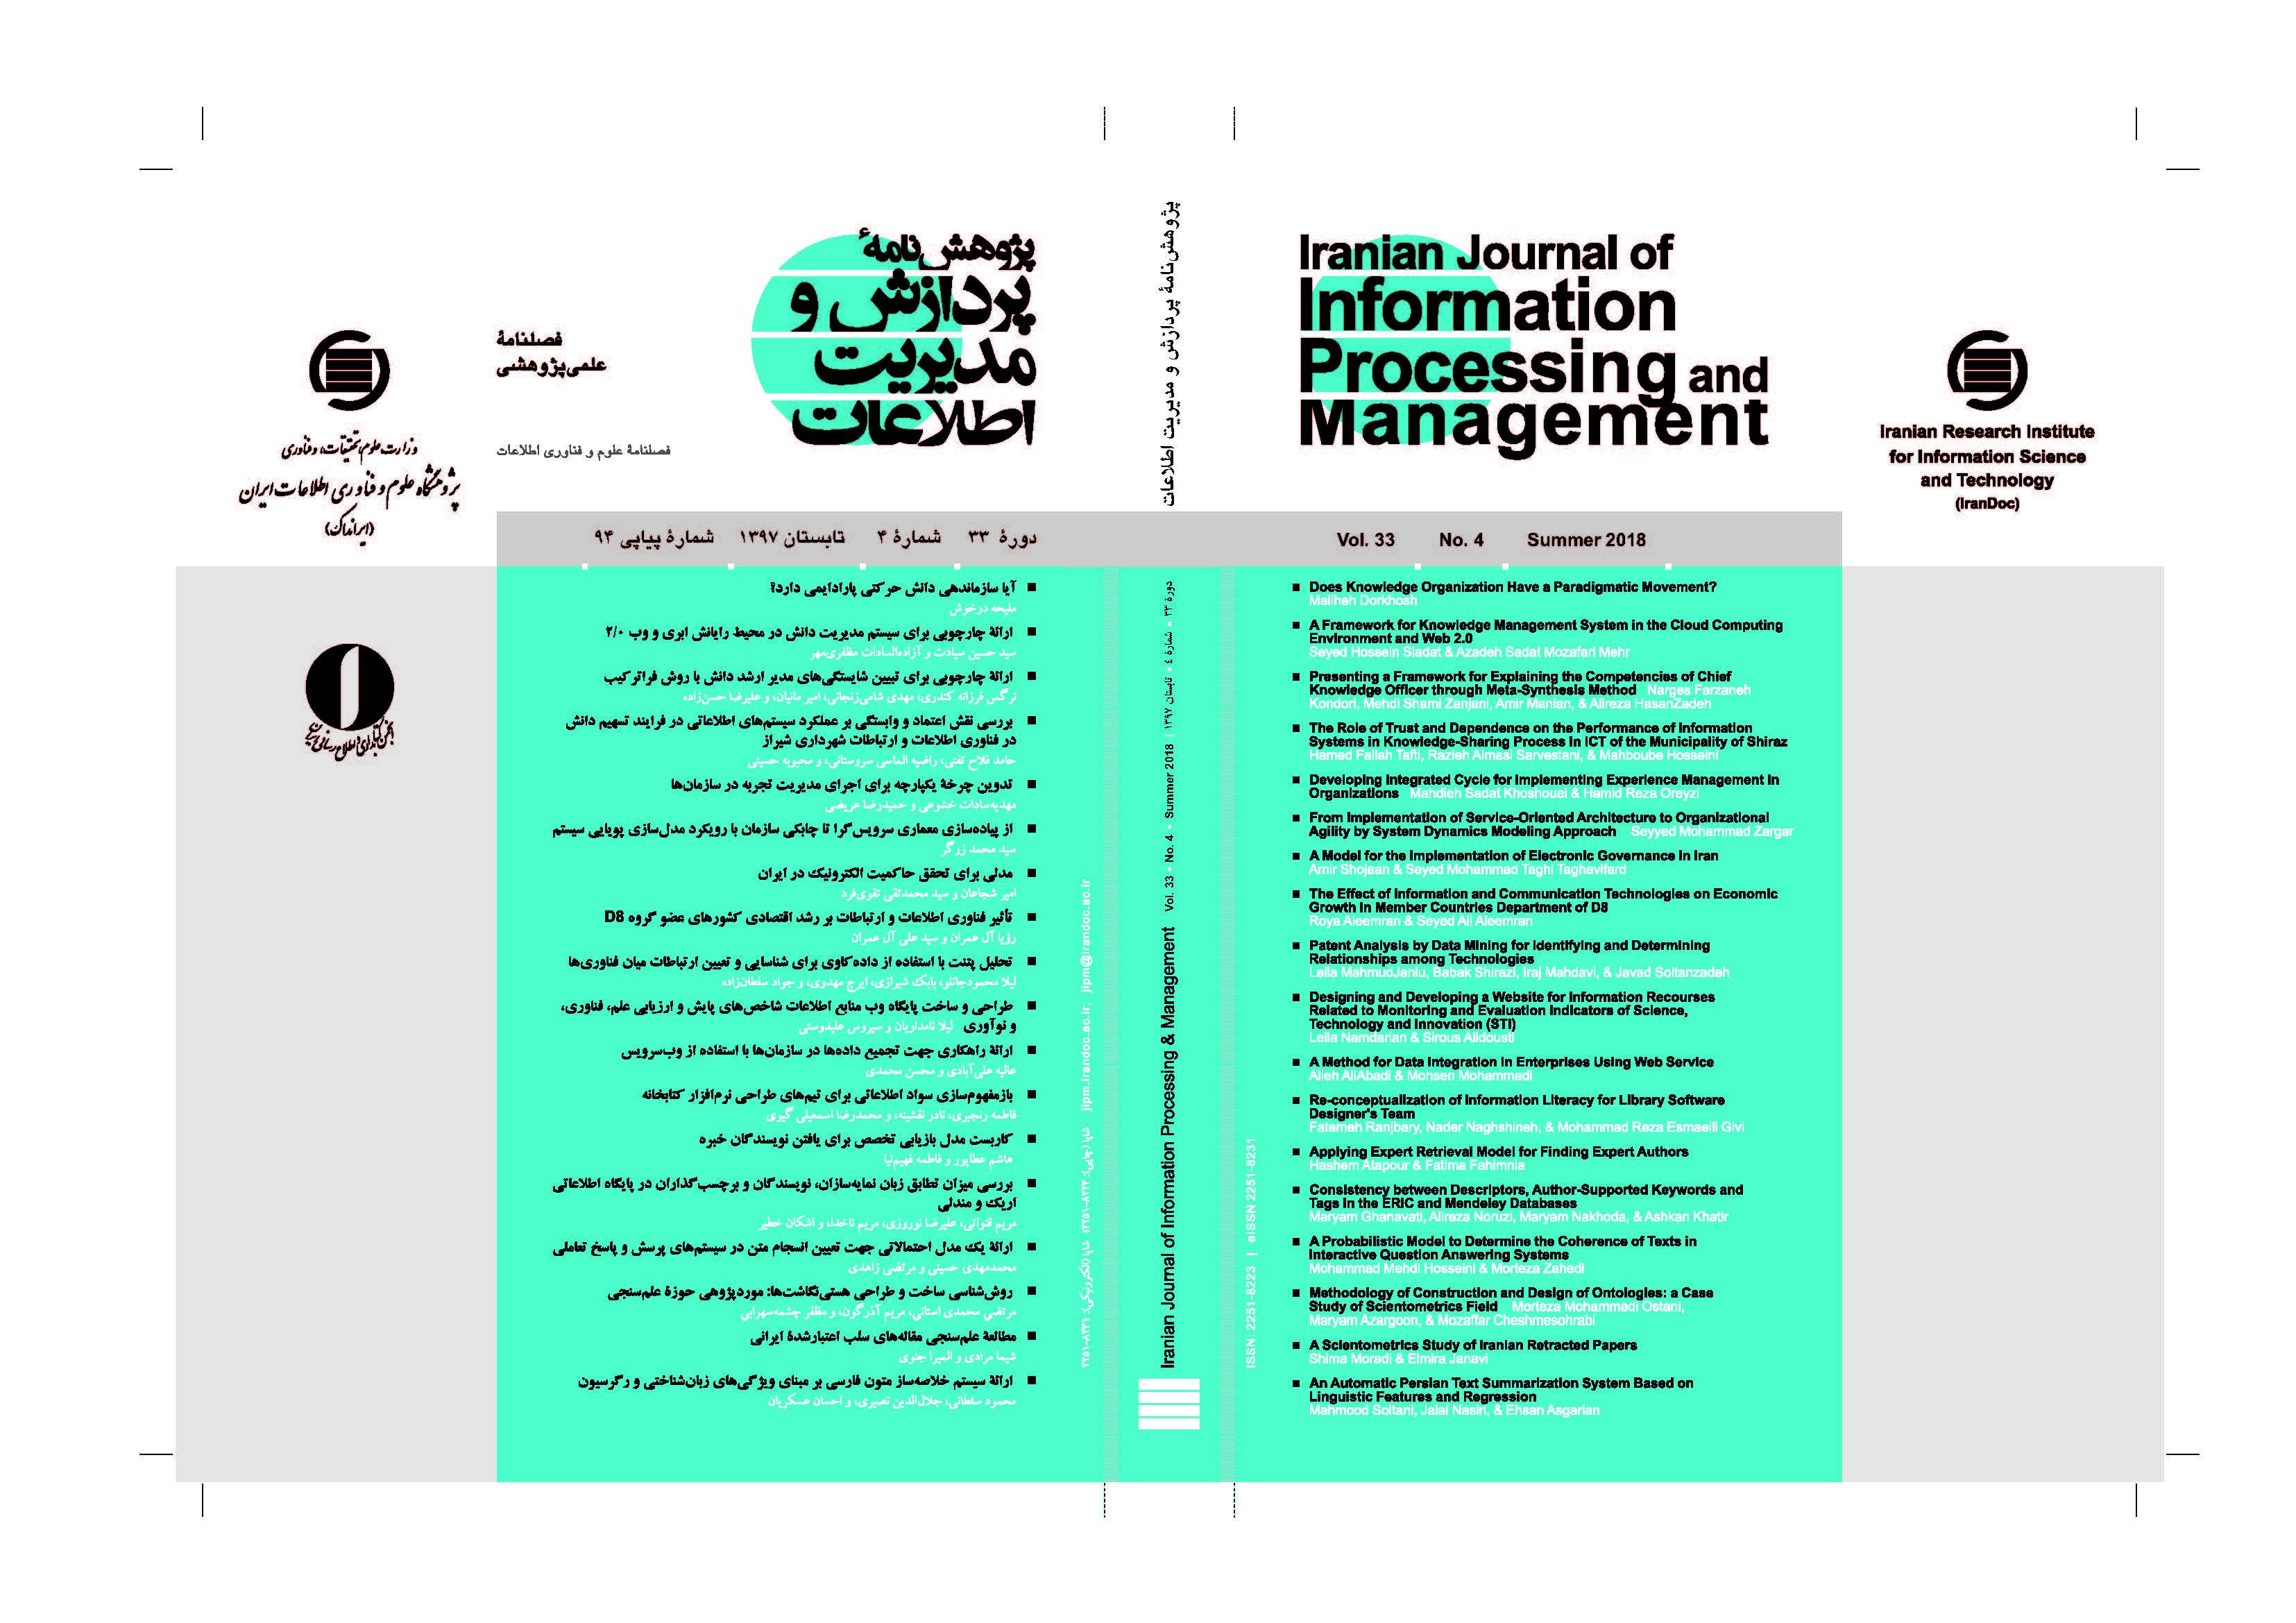 انتشار تازهترین شماره «پژوهشنامه پردازش و مدیریت اطلاعات»